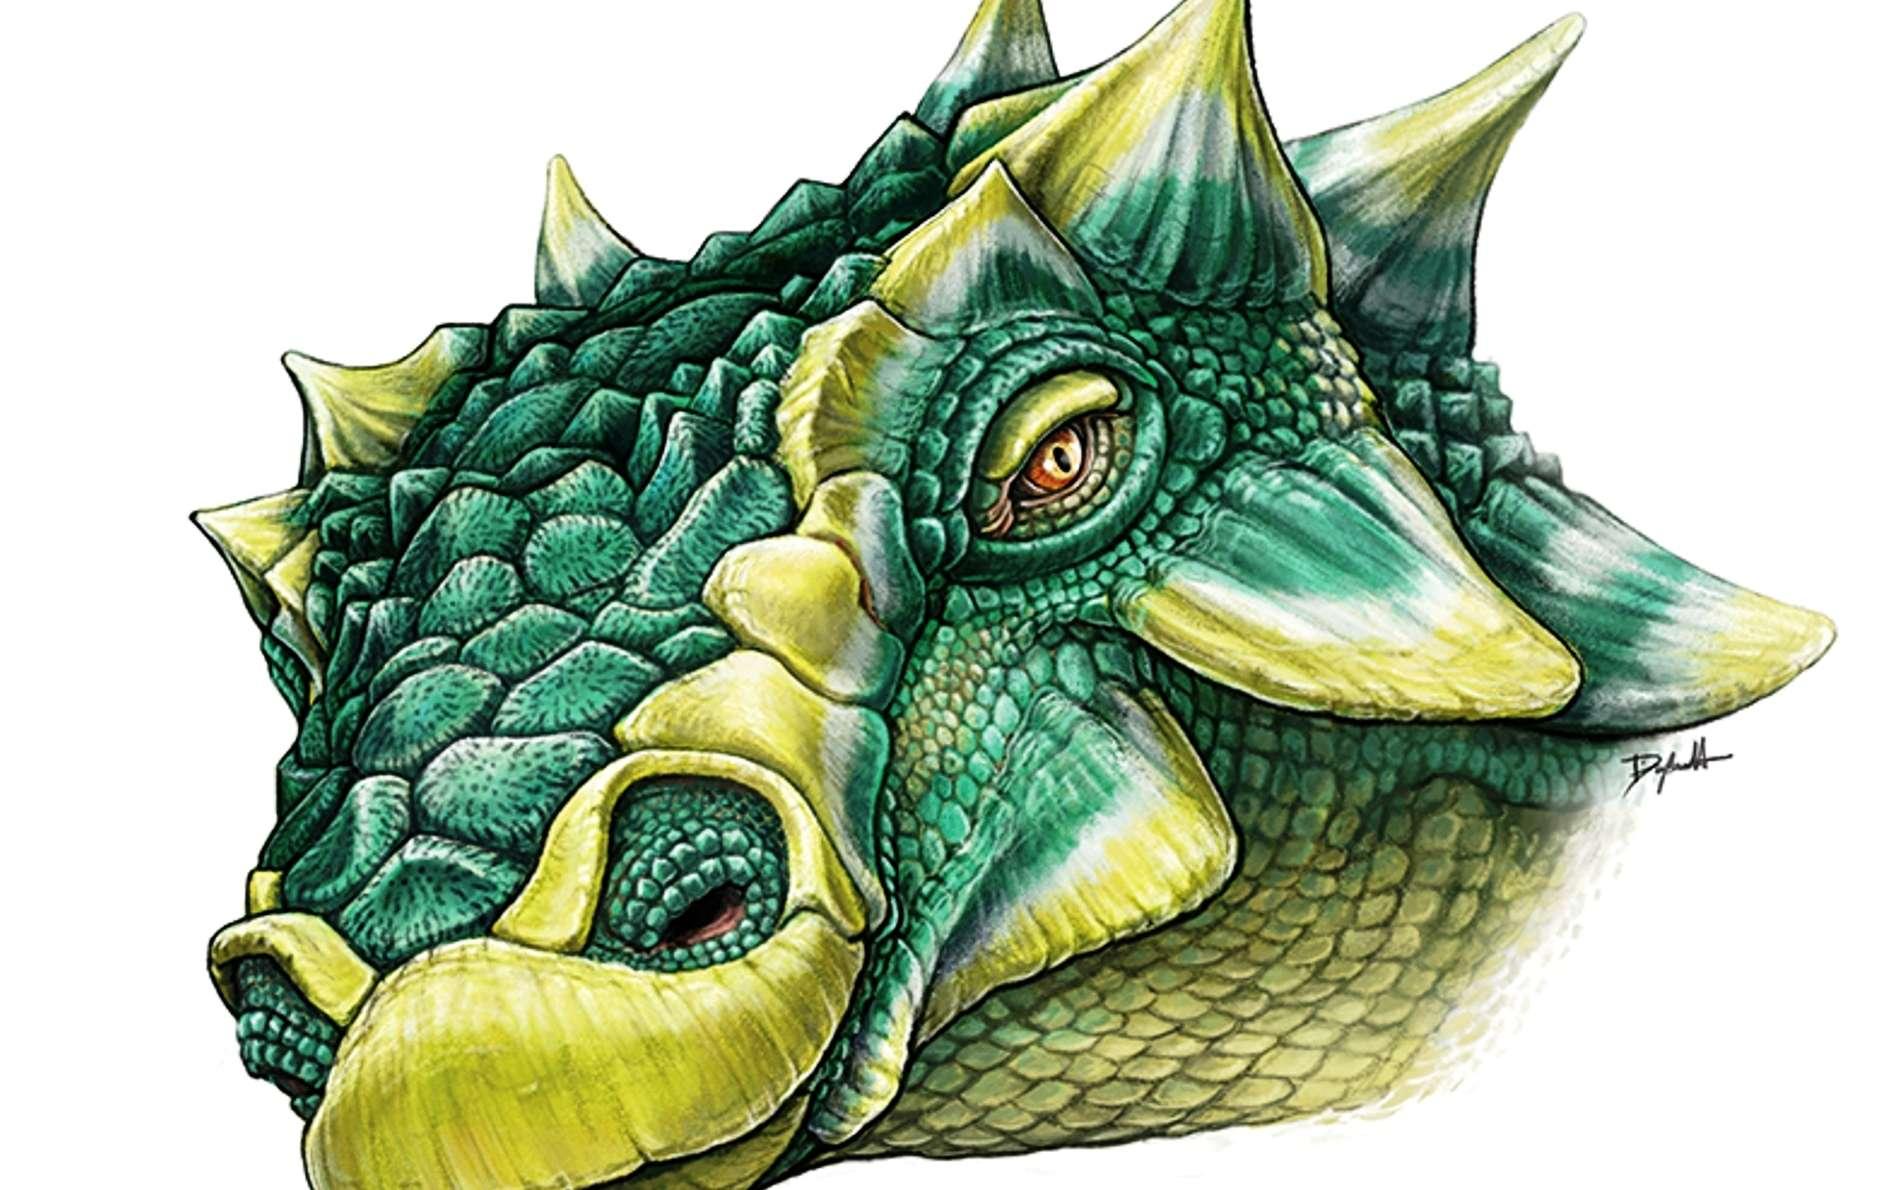 Dinosaure : des paléontologues ont retrouvé Zuul de S.O.S. Fantômes ! By Laurent Sacco 211f7652c2_106986_zuul-crurivastator-danielle-dufault-royal-ontario-museum